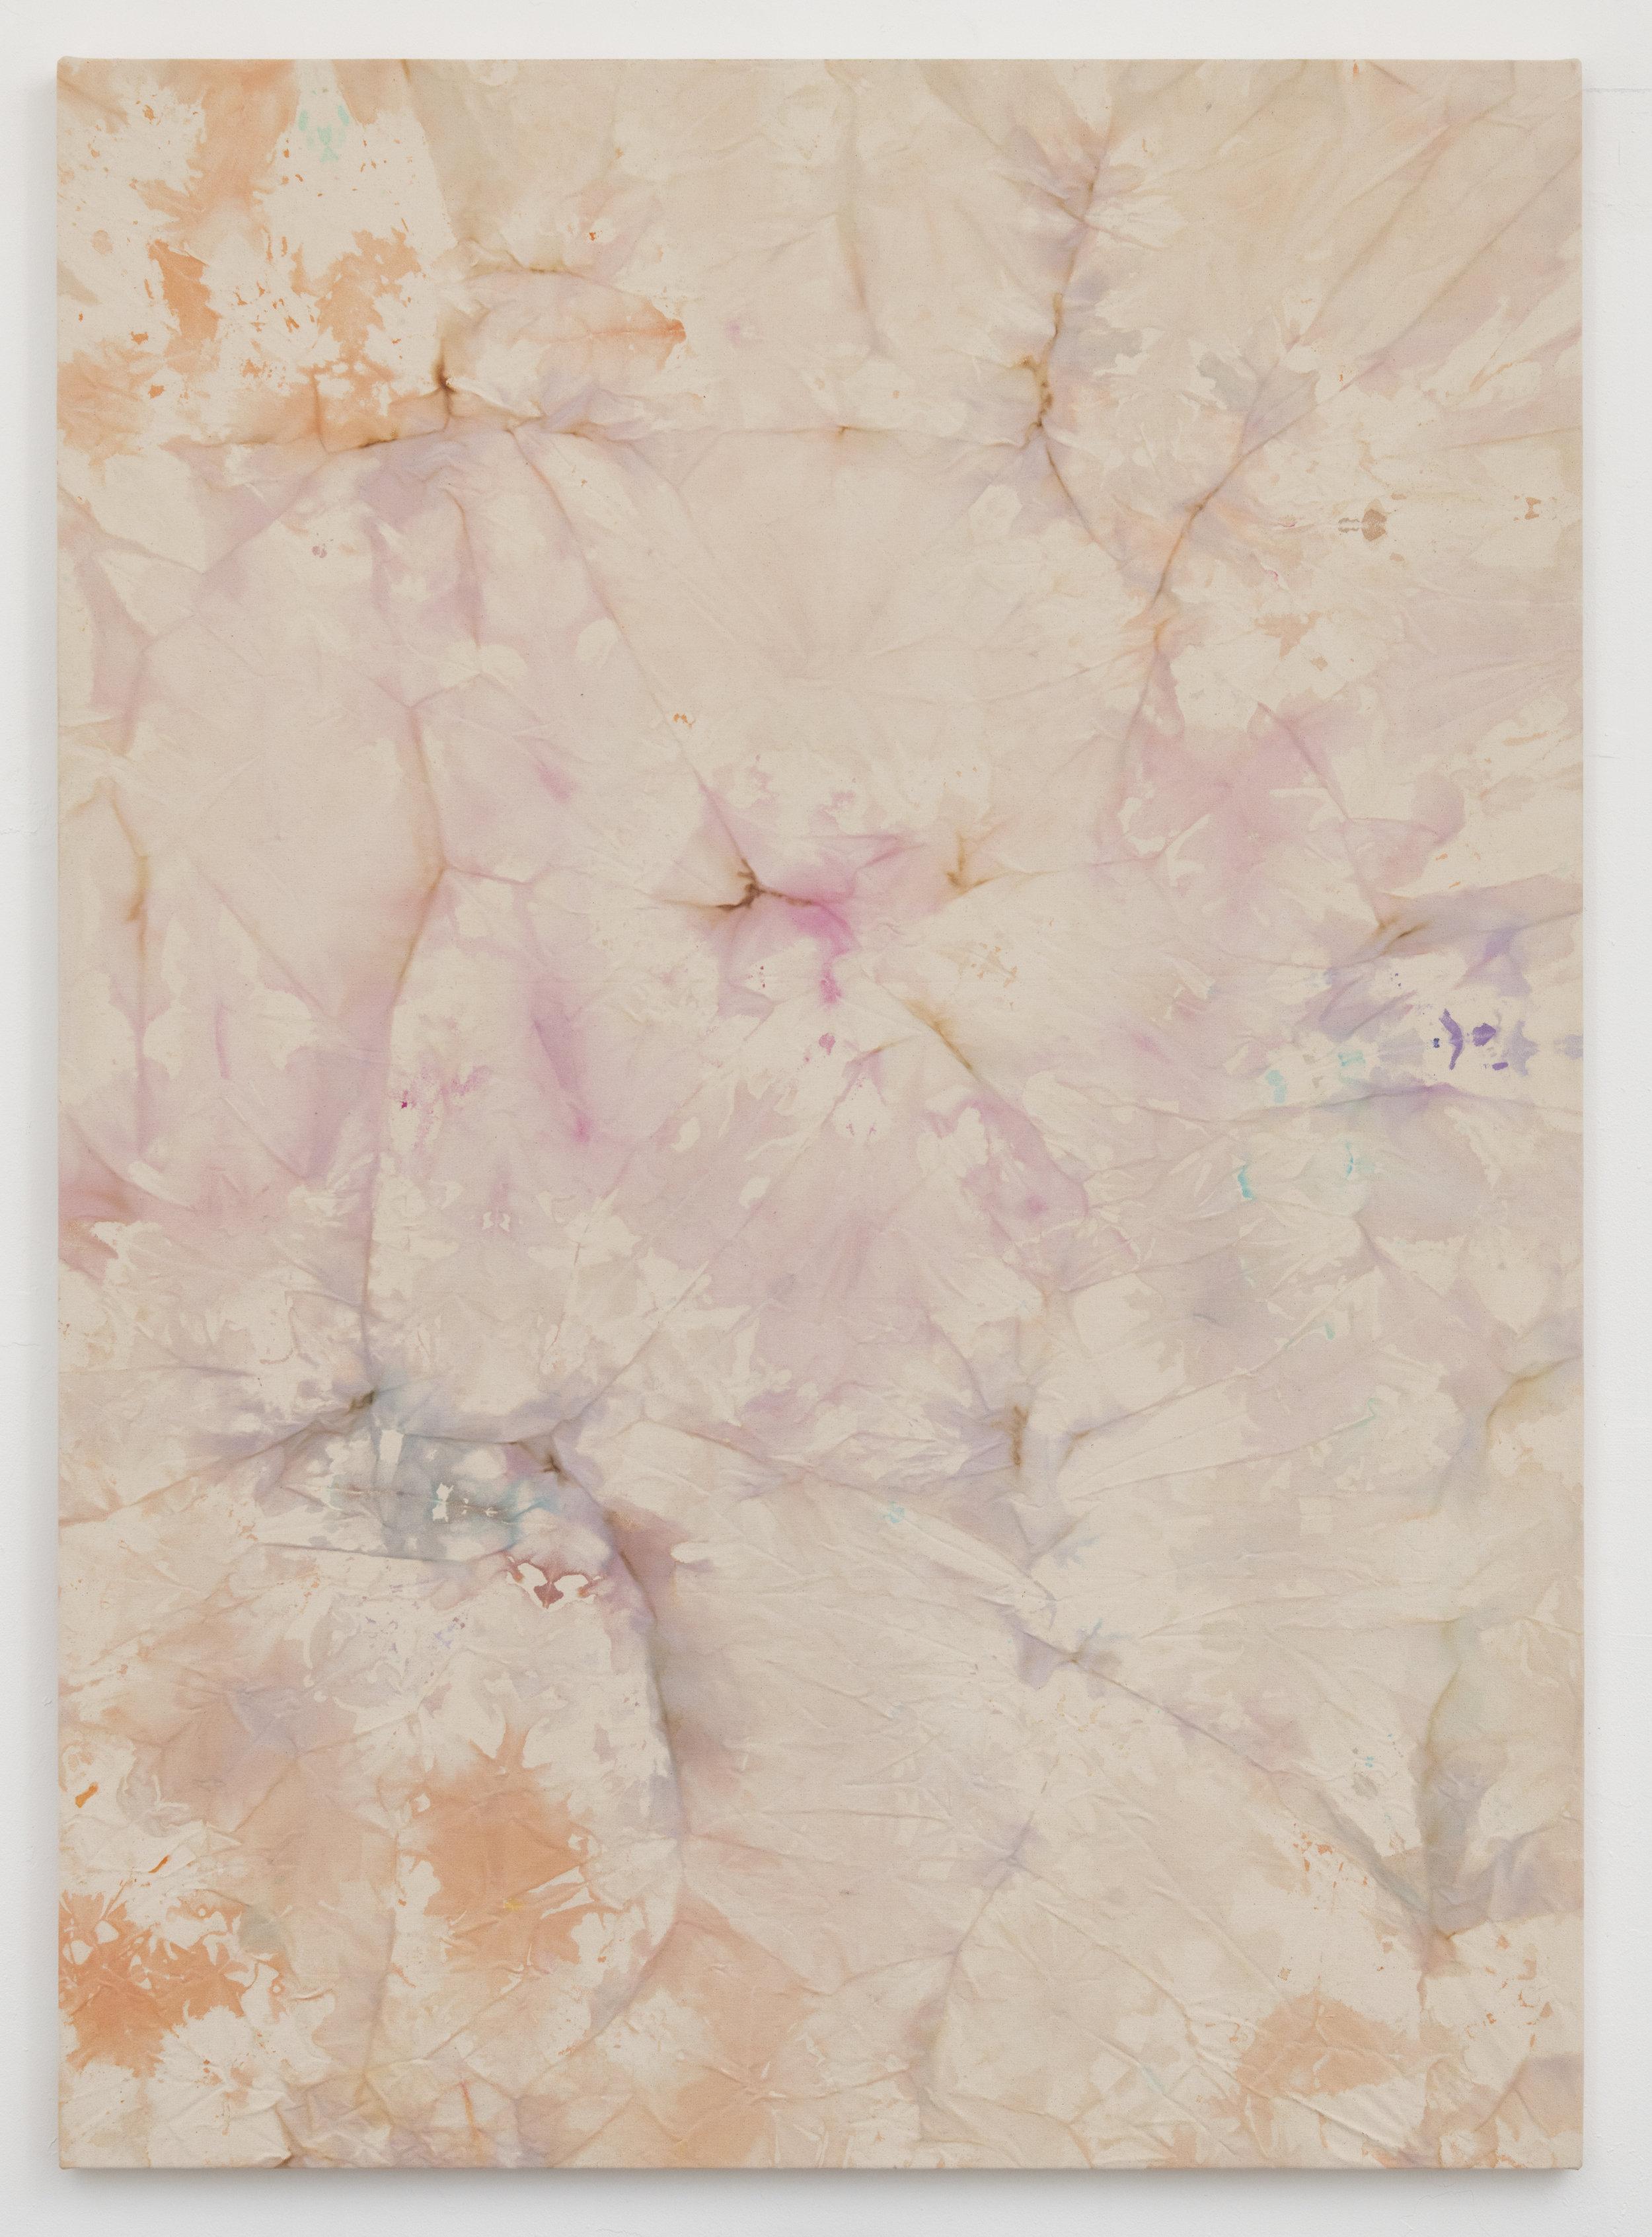 ANNIE SHINN  Terra , 2019 Dye and watercolor on canvas 72 x 52 inches